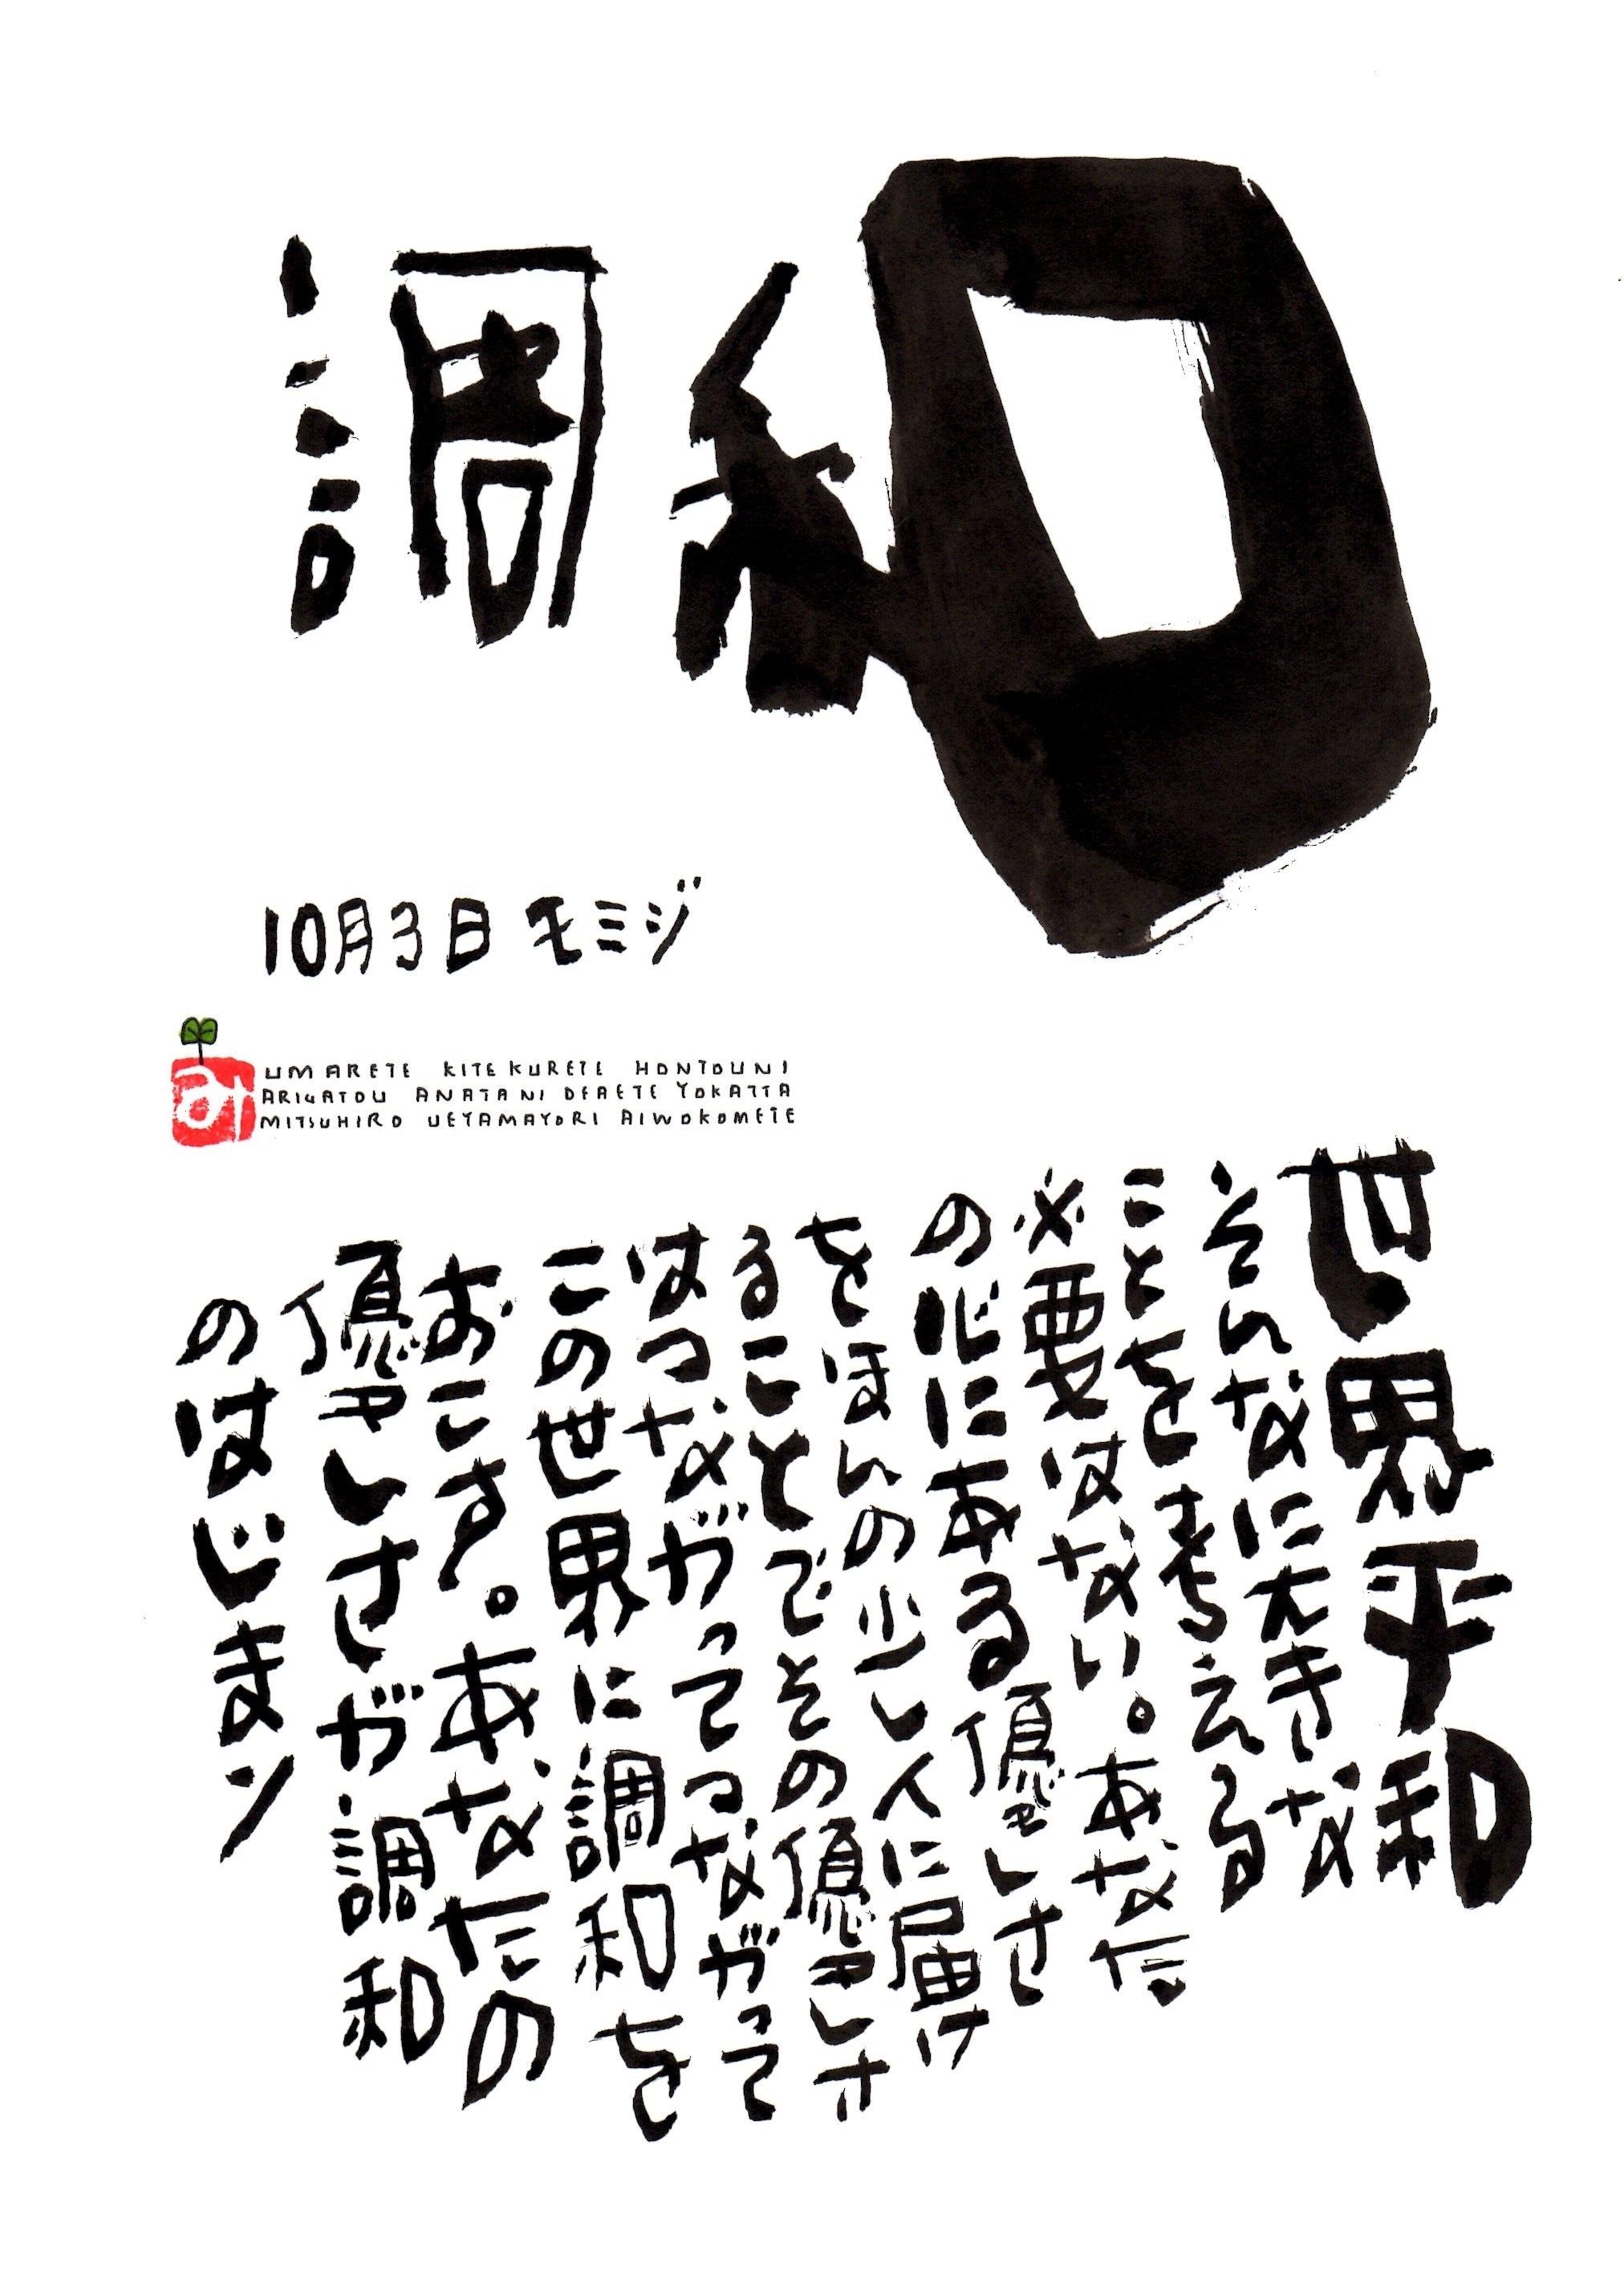 10月3日 誕生日ポストカード【調和】Harmony